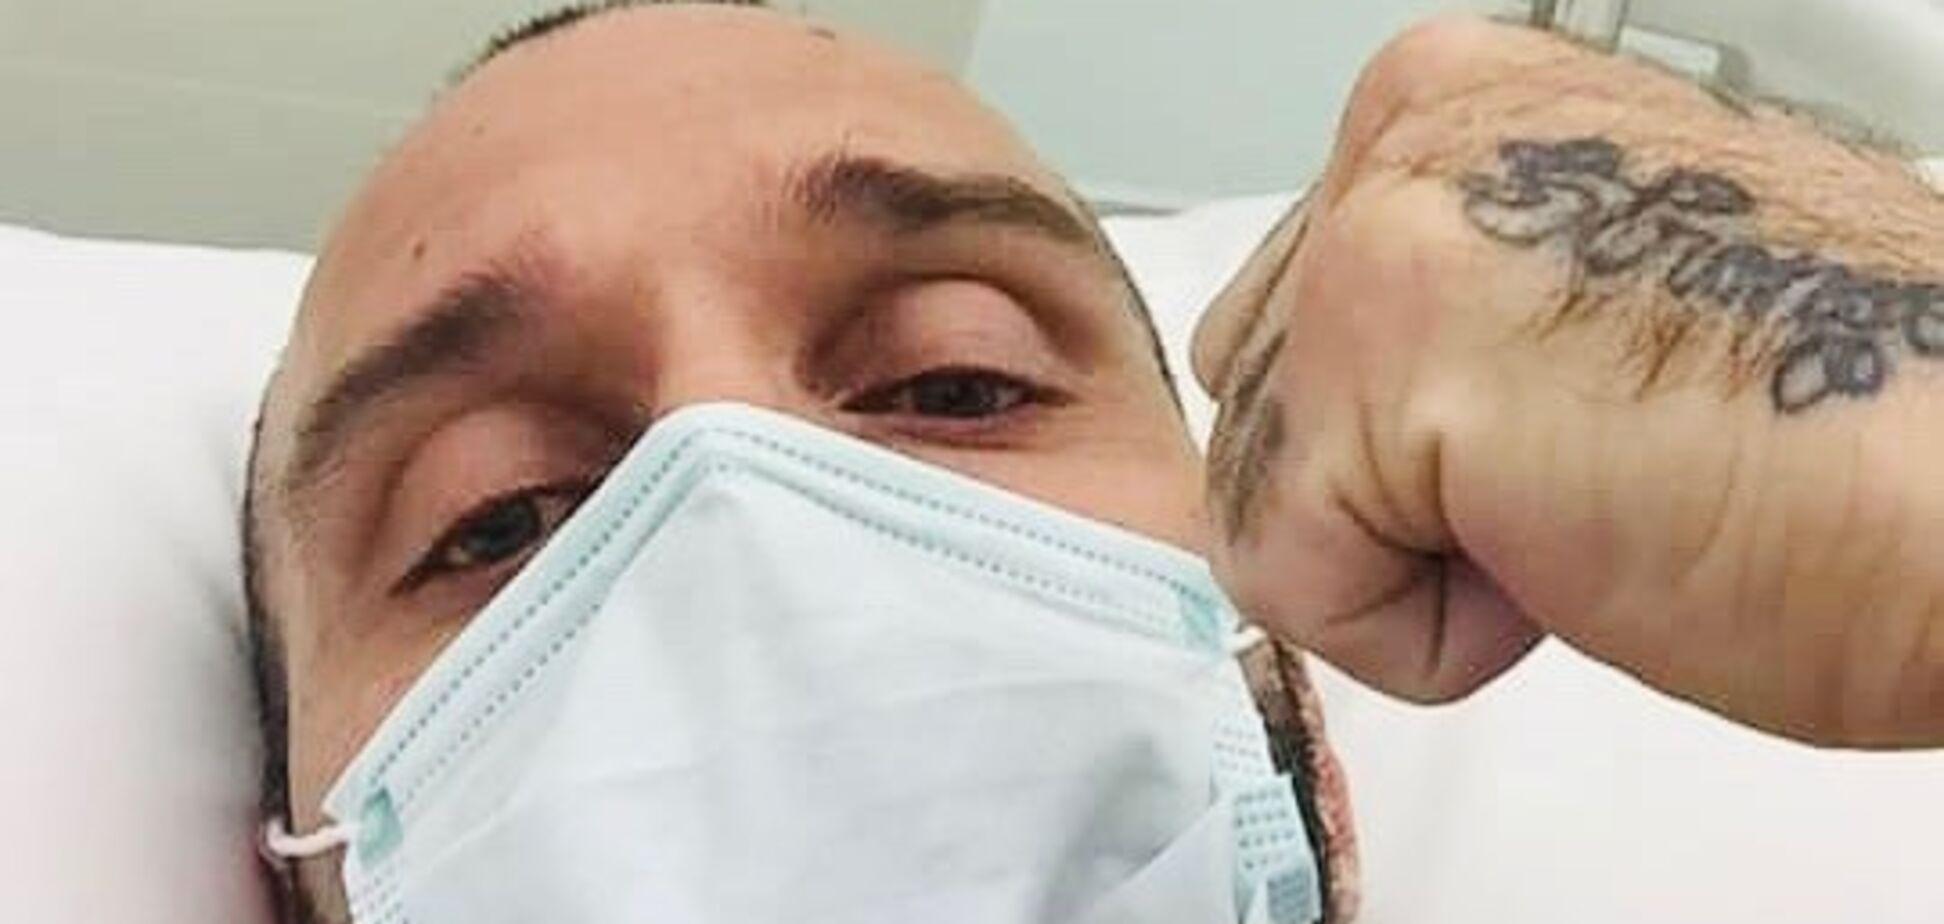 'Гірше, ніж кола пекла': боєць MMA розповів, що відчуває після зараження коронавірусом